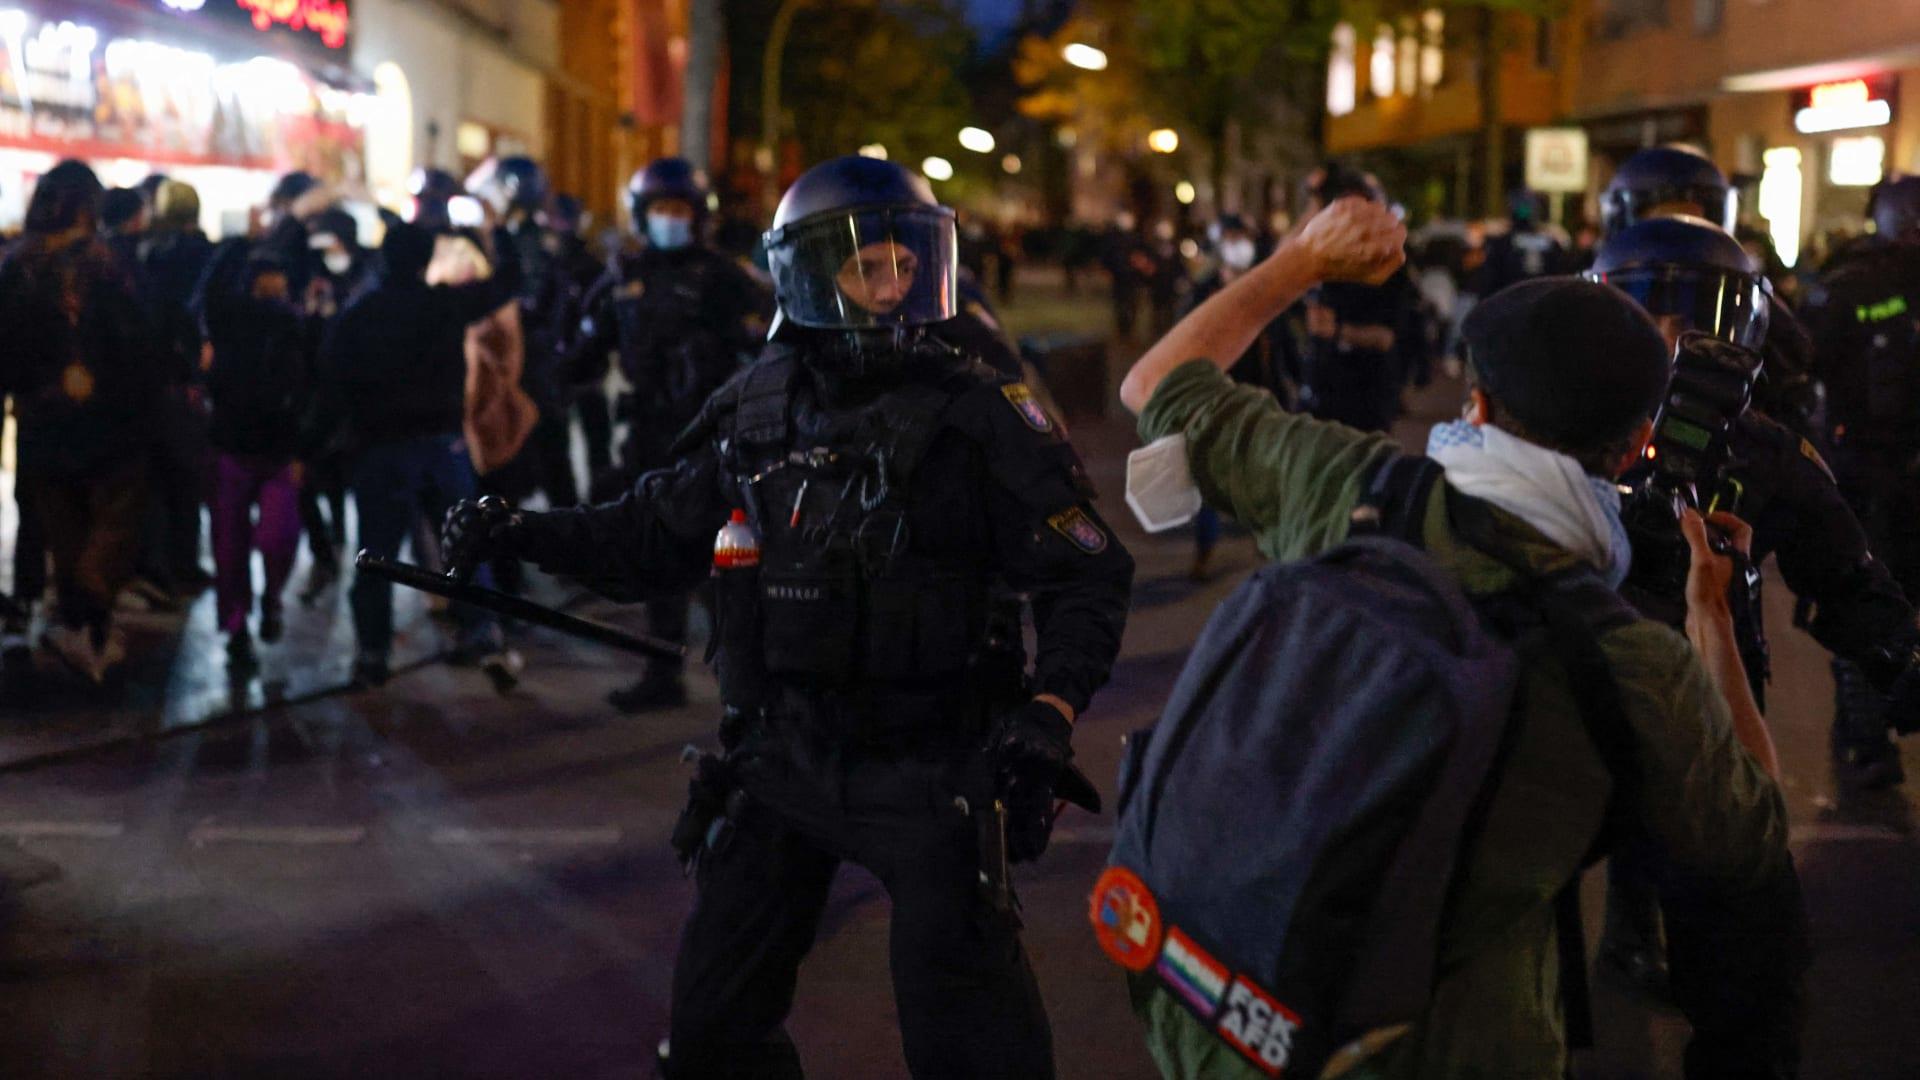 إصابة 93 شرطياً واعتقال 354 متظاهراً بعد احتجاجات حاشدة في برلين